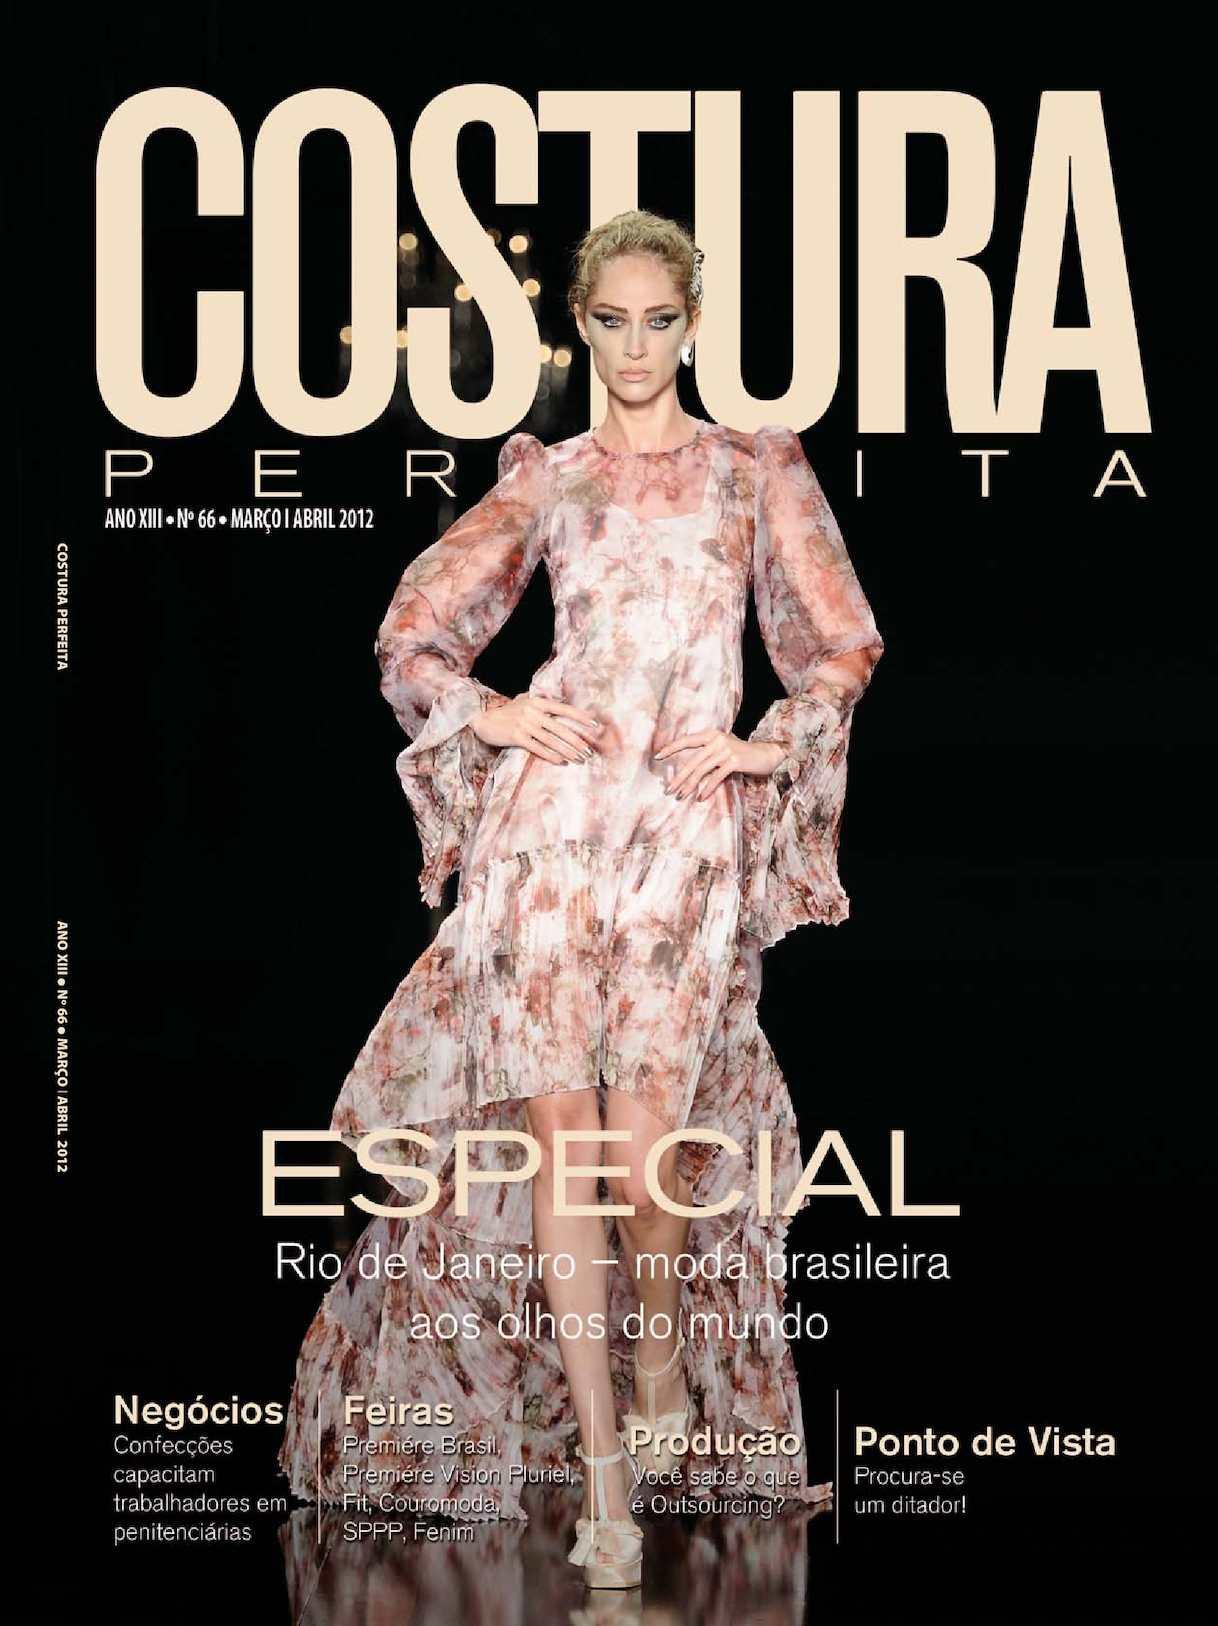 7f2a943027 Calaméo - Revista Costura Perfeita Edição Ano XIII - N66 - Março-Abril 2012